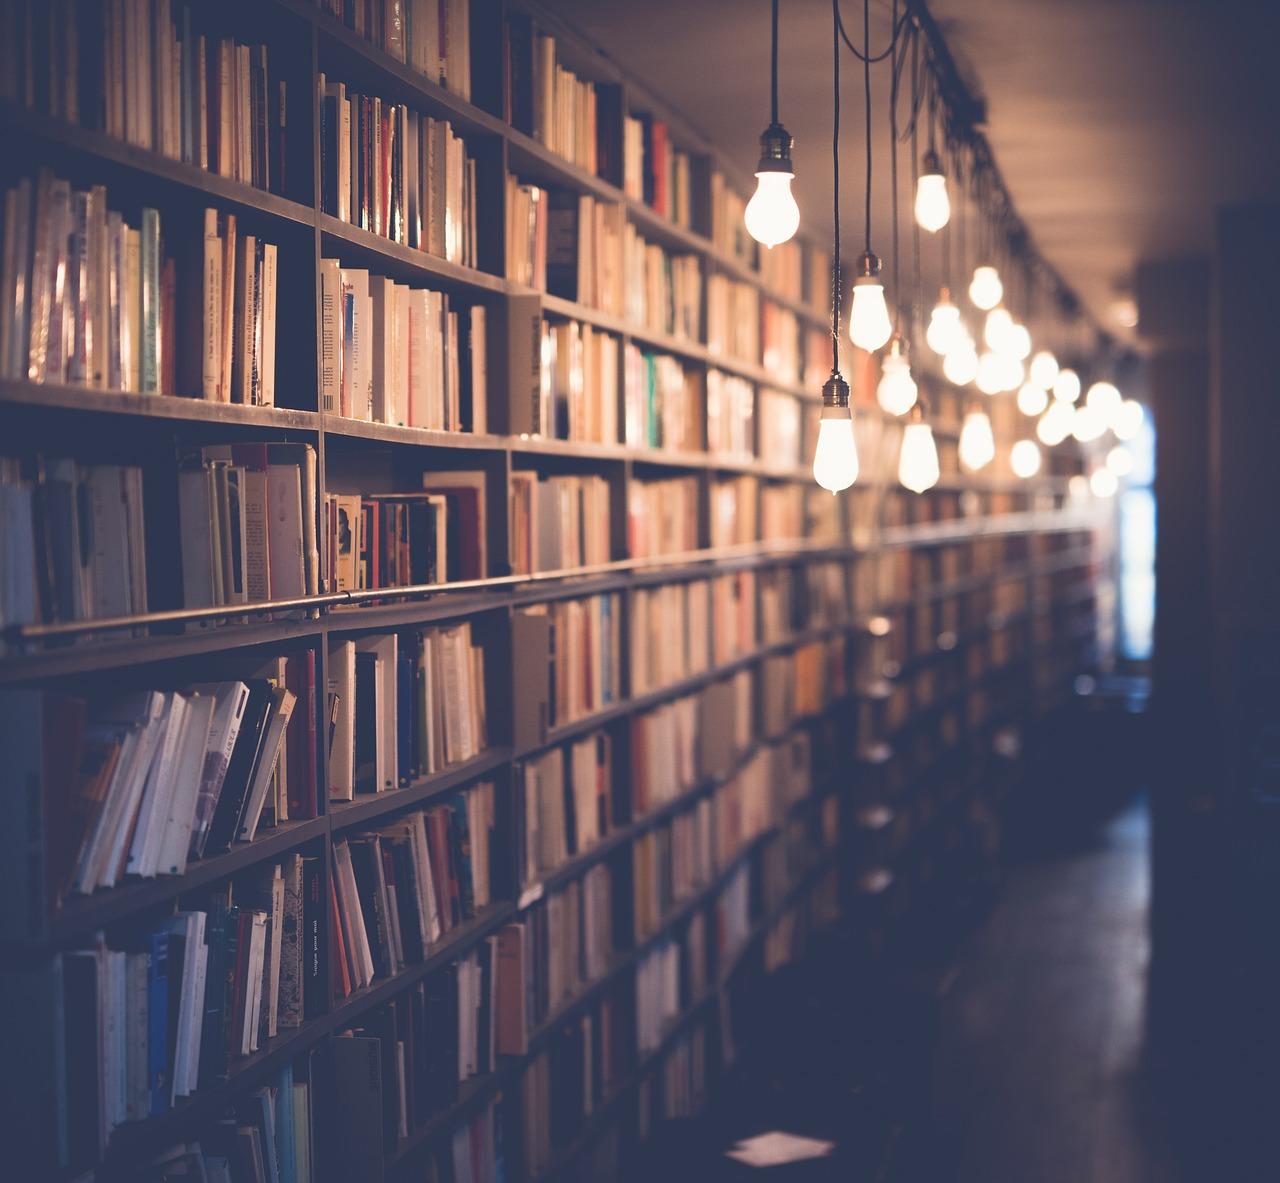 初めて図書館の予約受け取りシステムを使ってみたところ、数時間で本が借りられた件!